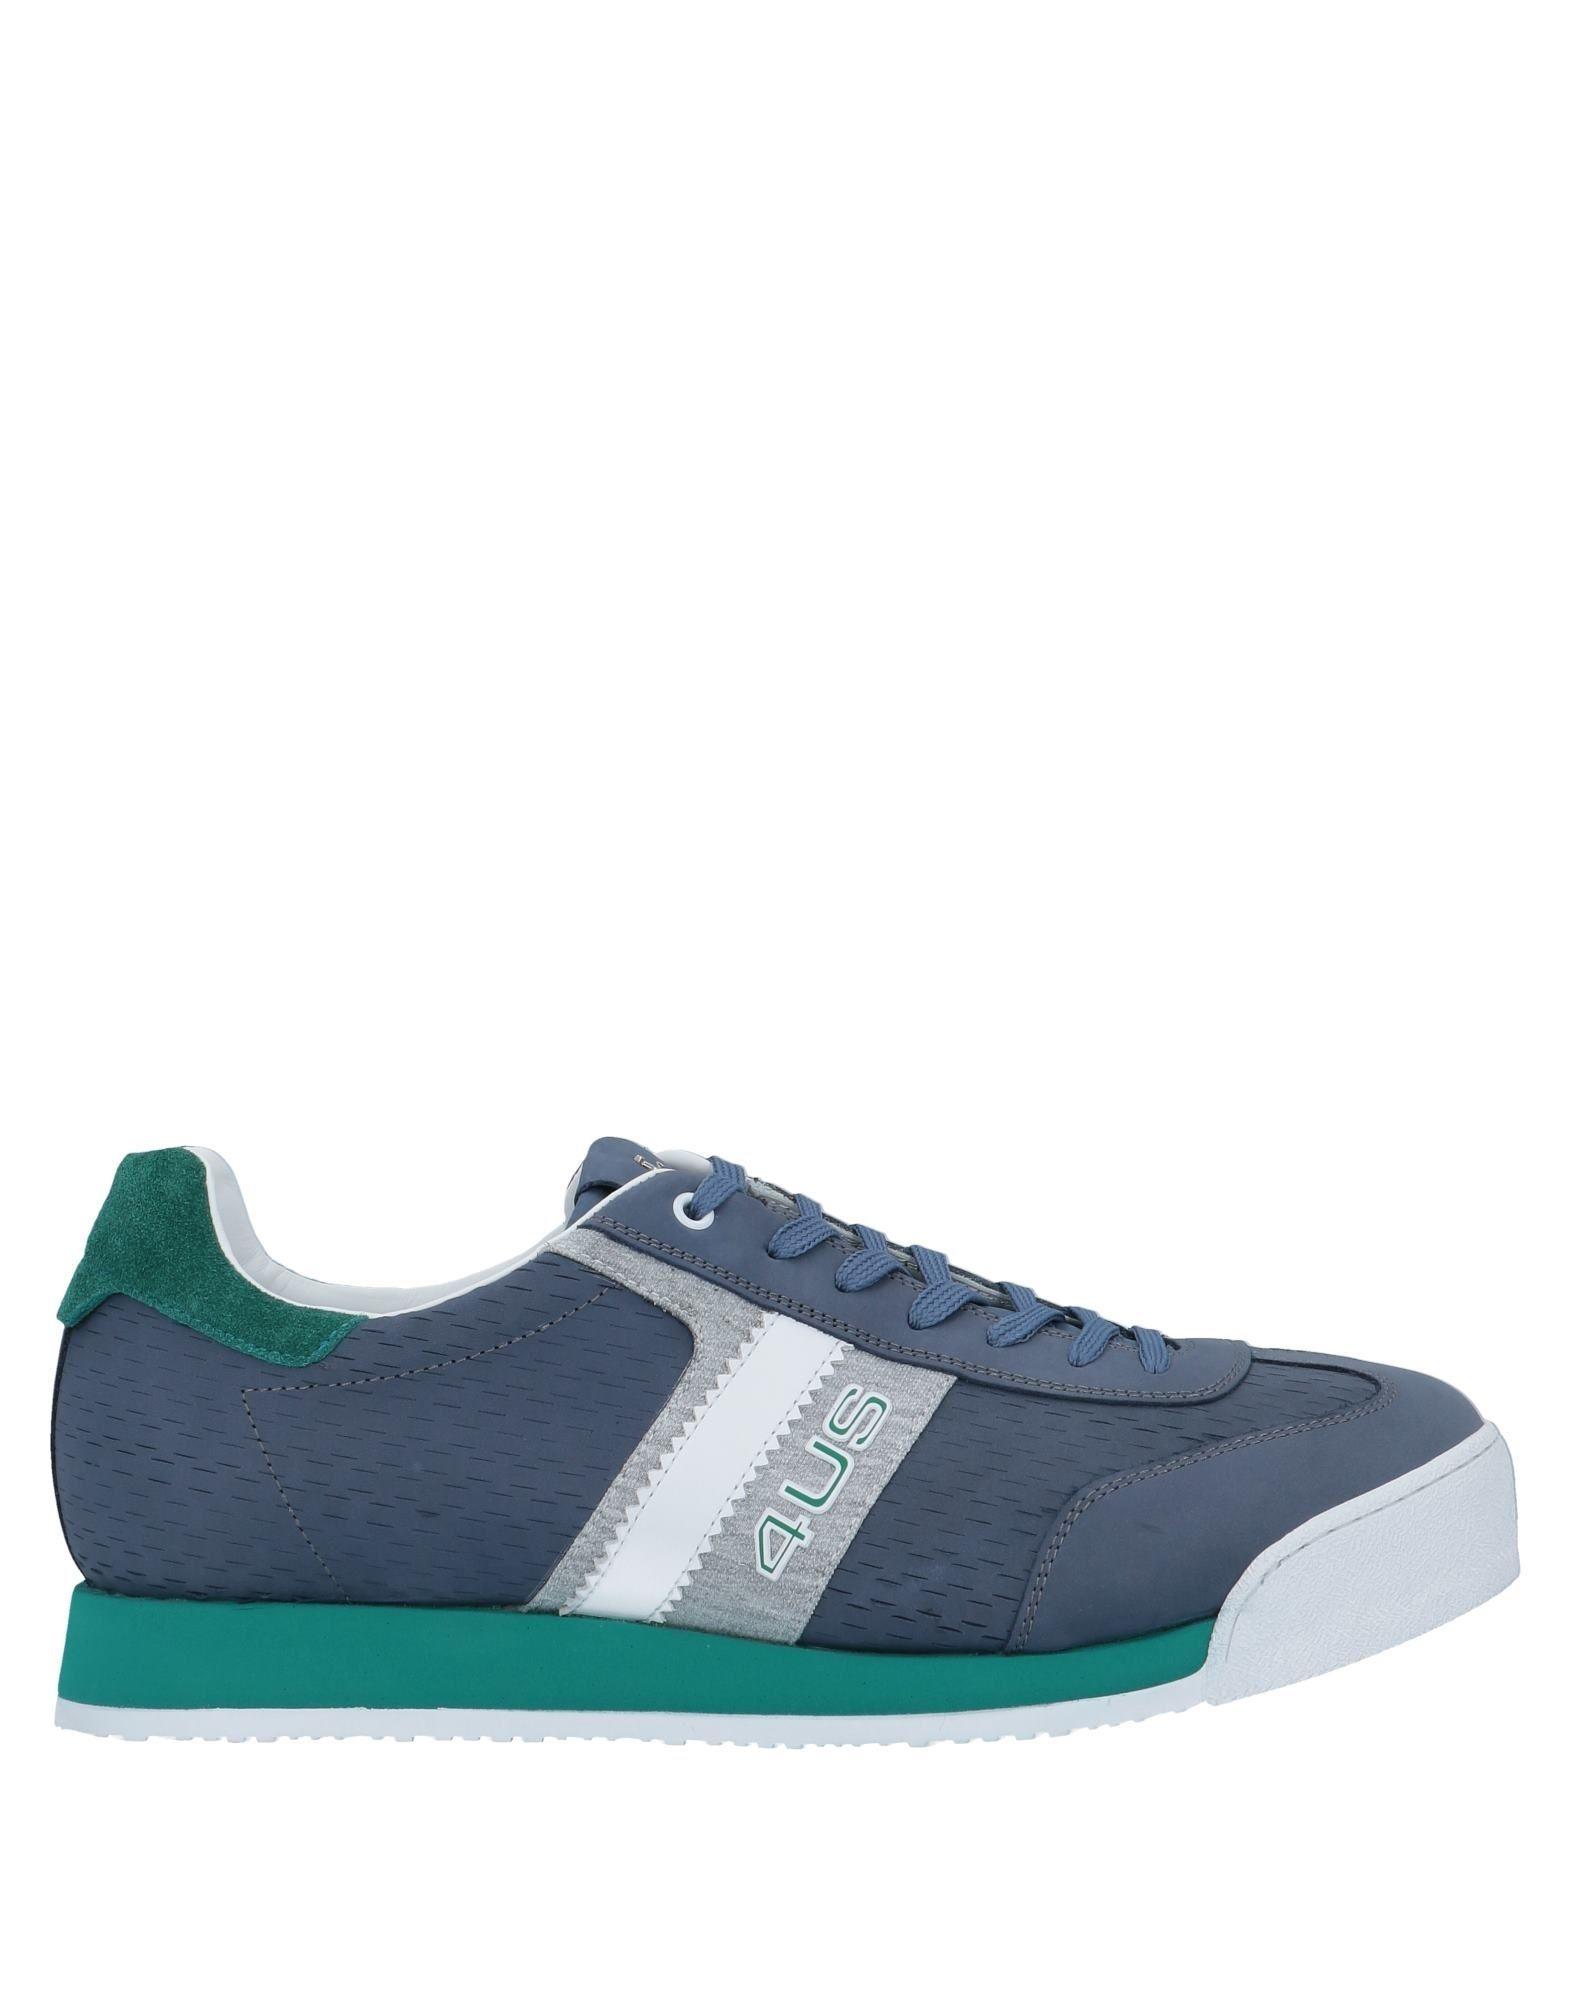 262860afcb0 CESARE PACIOTTI 4US SNEAKERS. #cesarepaciotti4us #shoes   Cesare ...